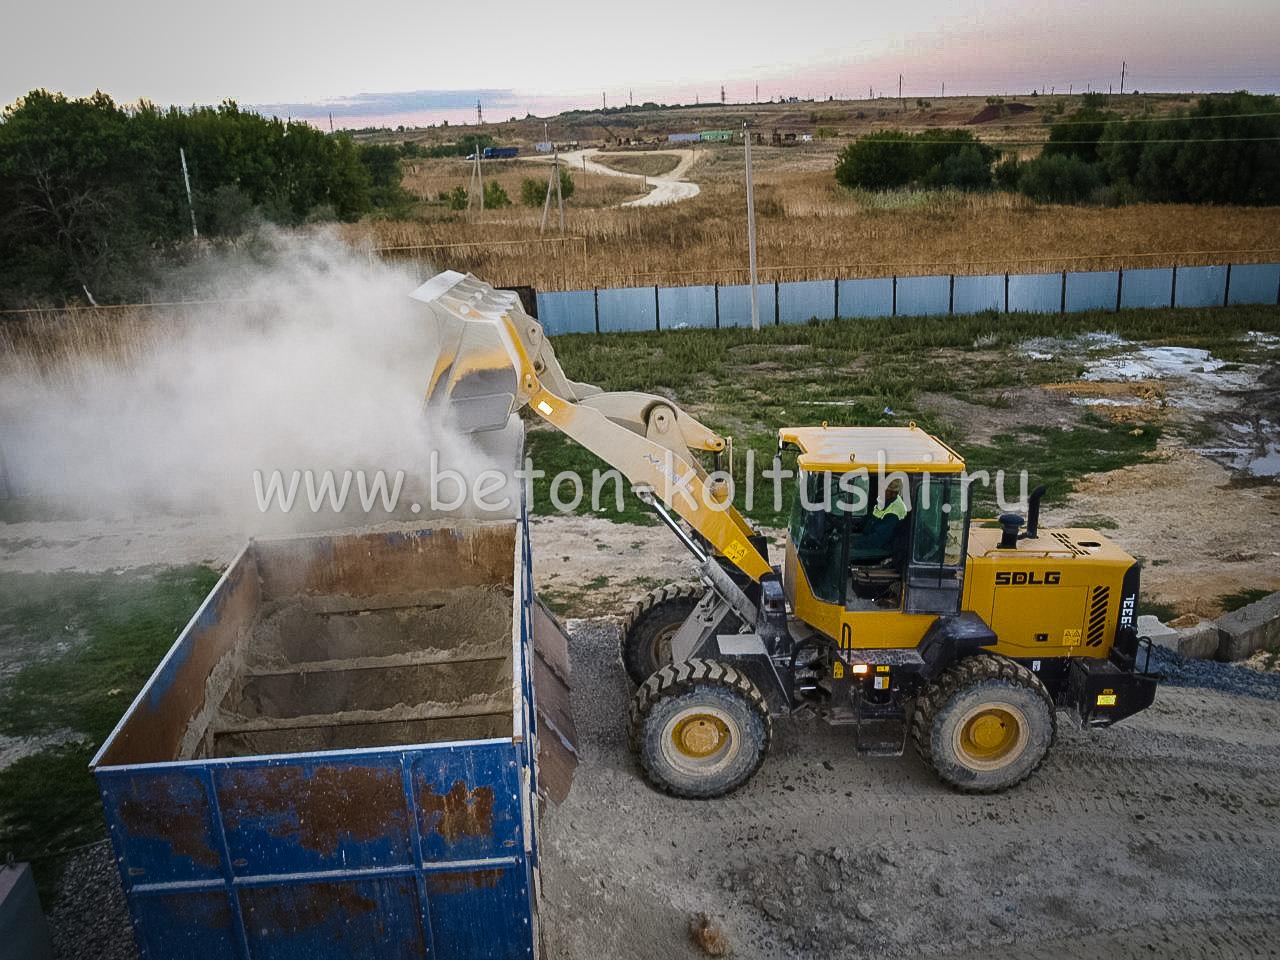 Бетон в колтушах купить купить коронку 70мм по бетону